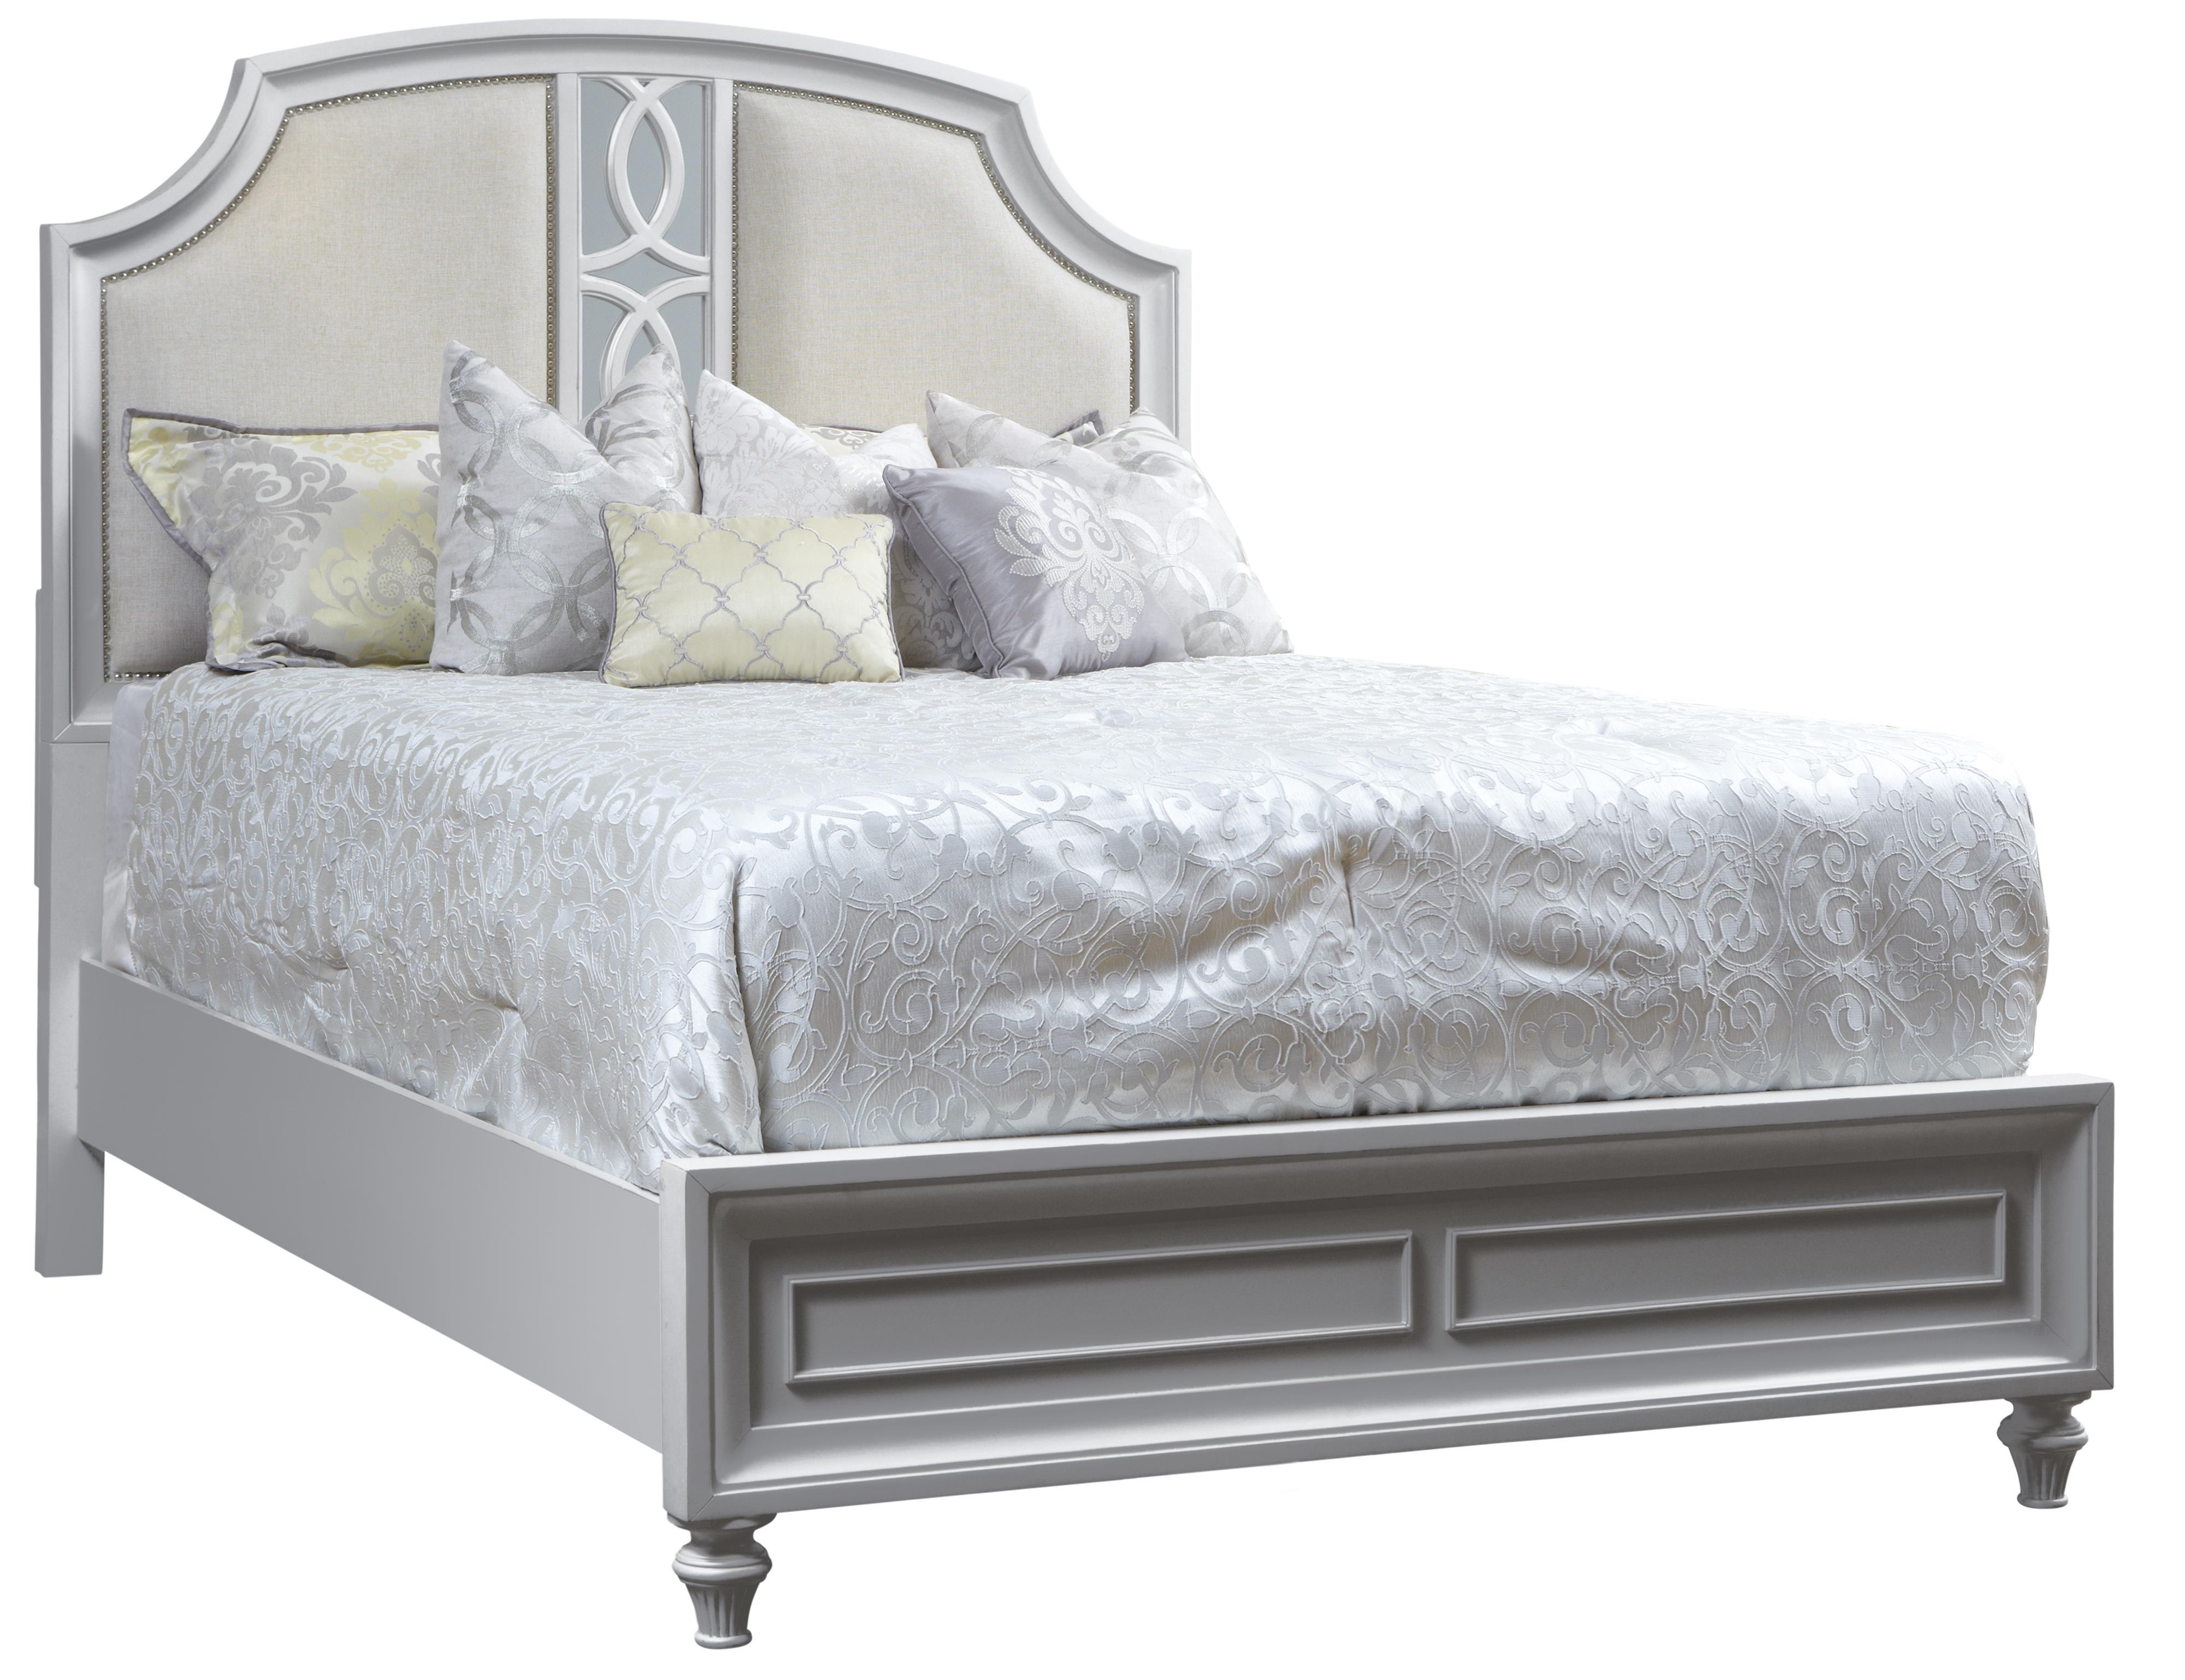 Avalon Furniture Regency Park Queen Panel Bed - Item Number: B4815H+5F+56R